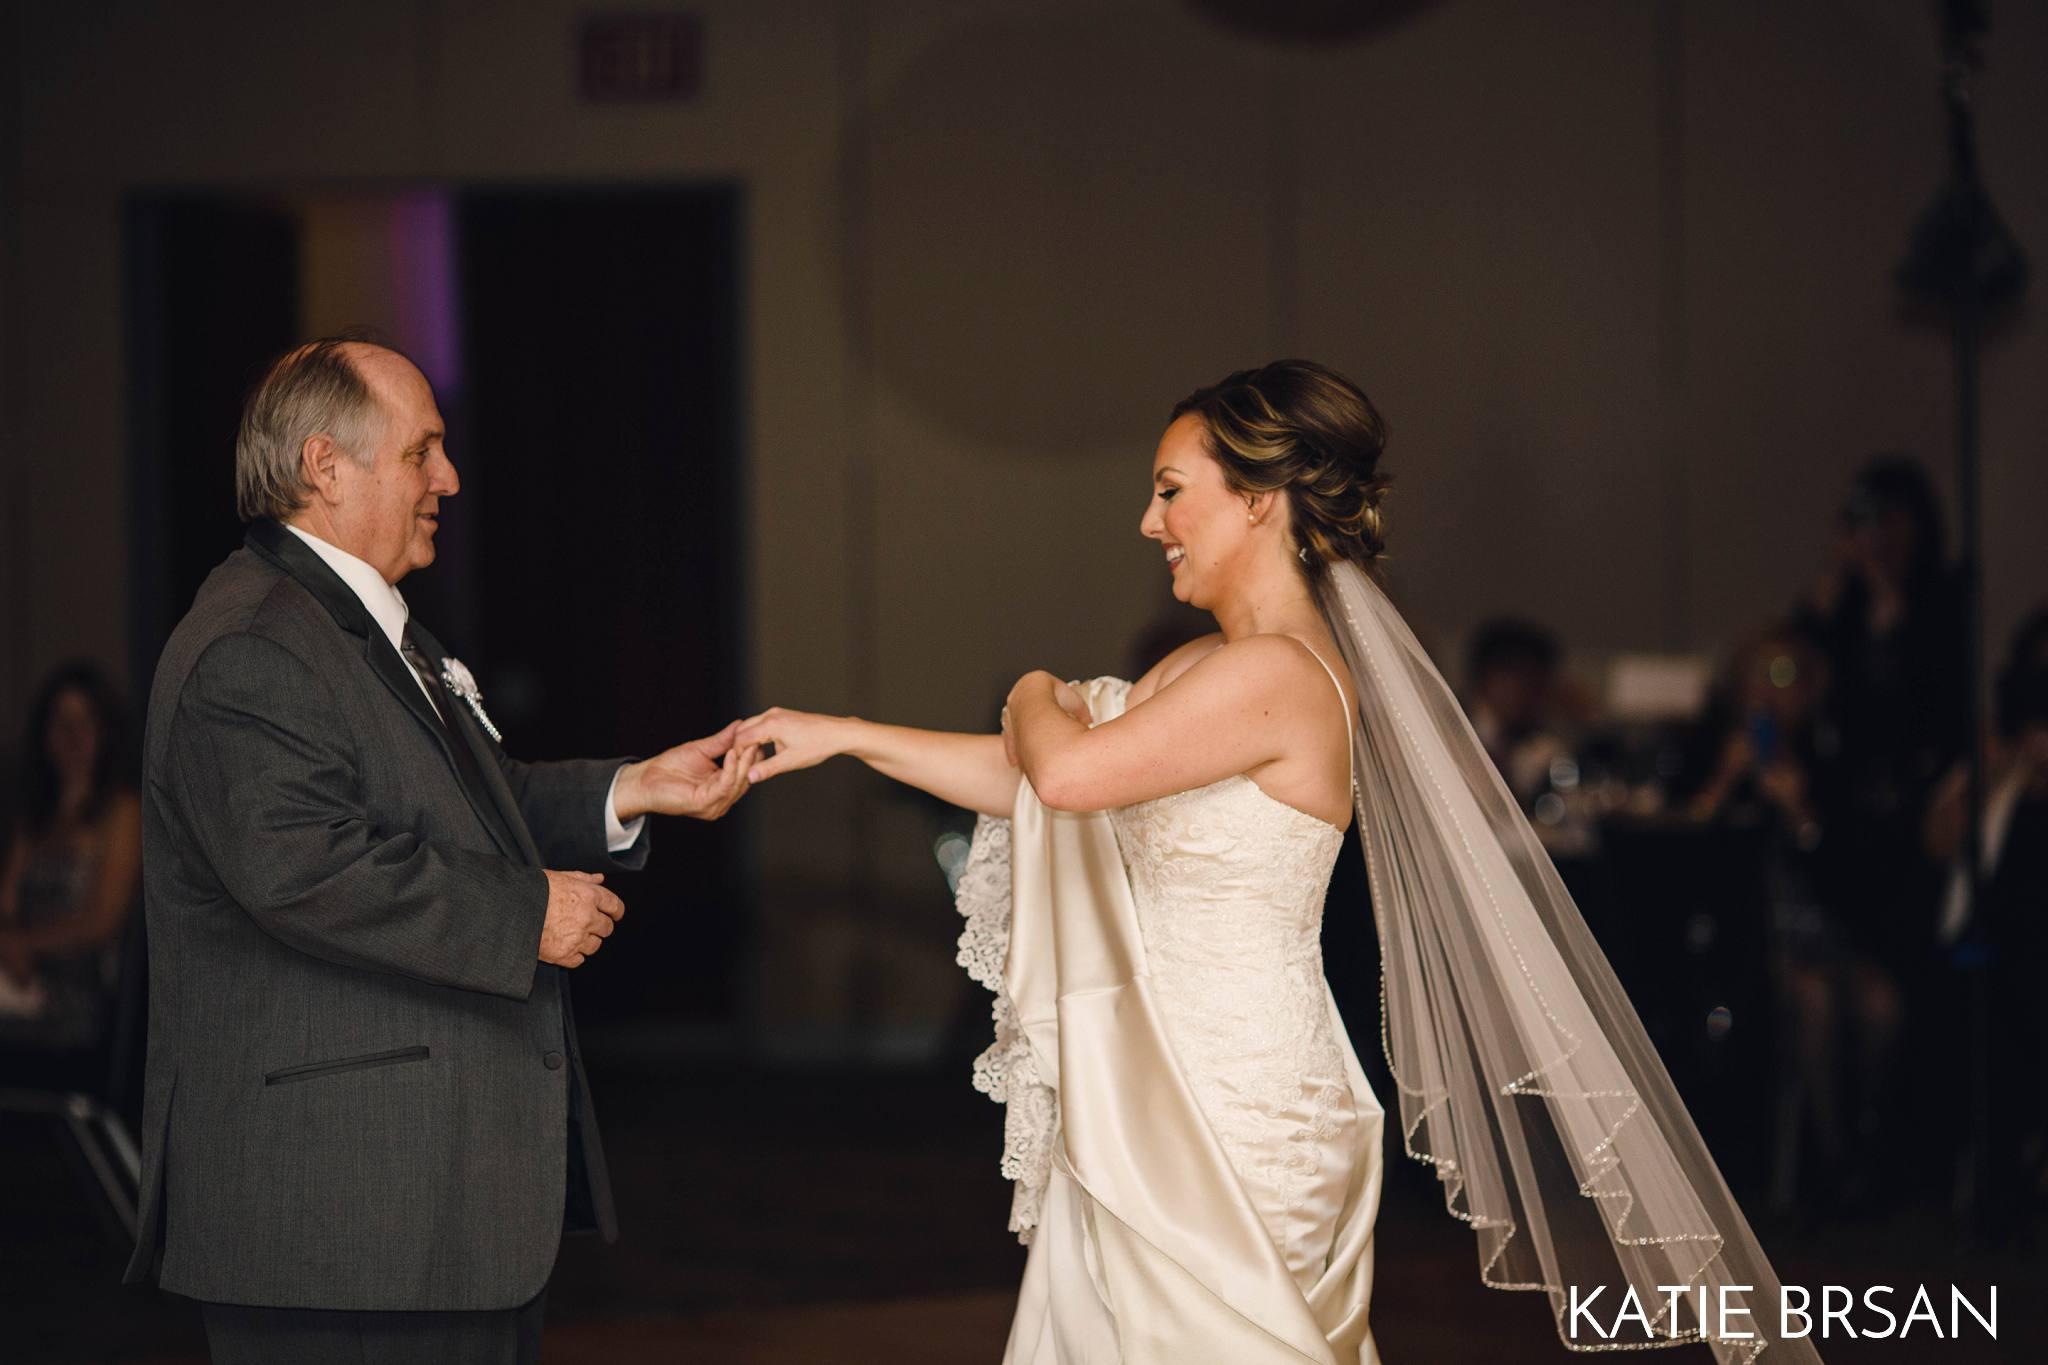 KatieBrsan-NewYearsEve-Wedding_0467.jpg